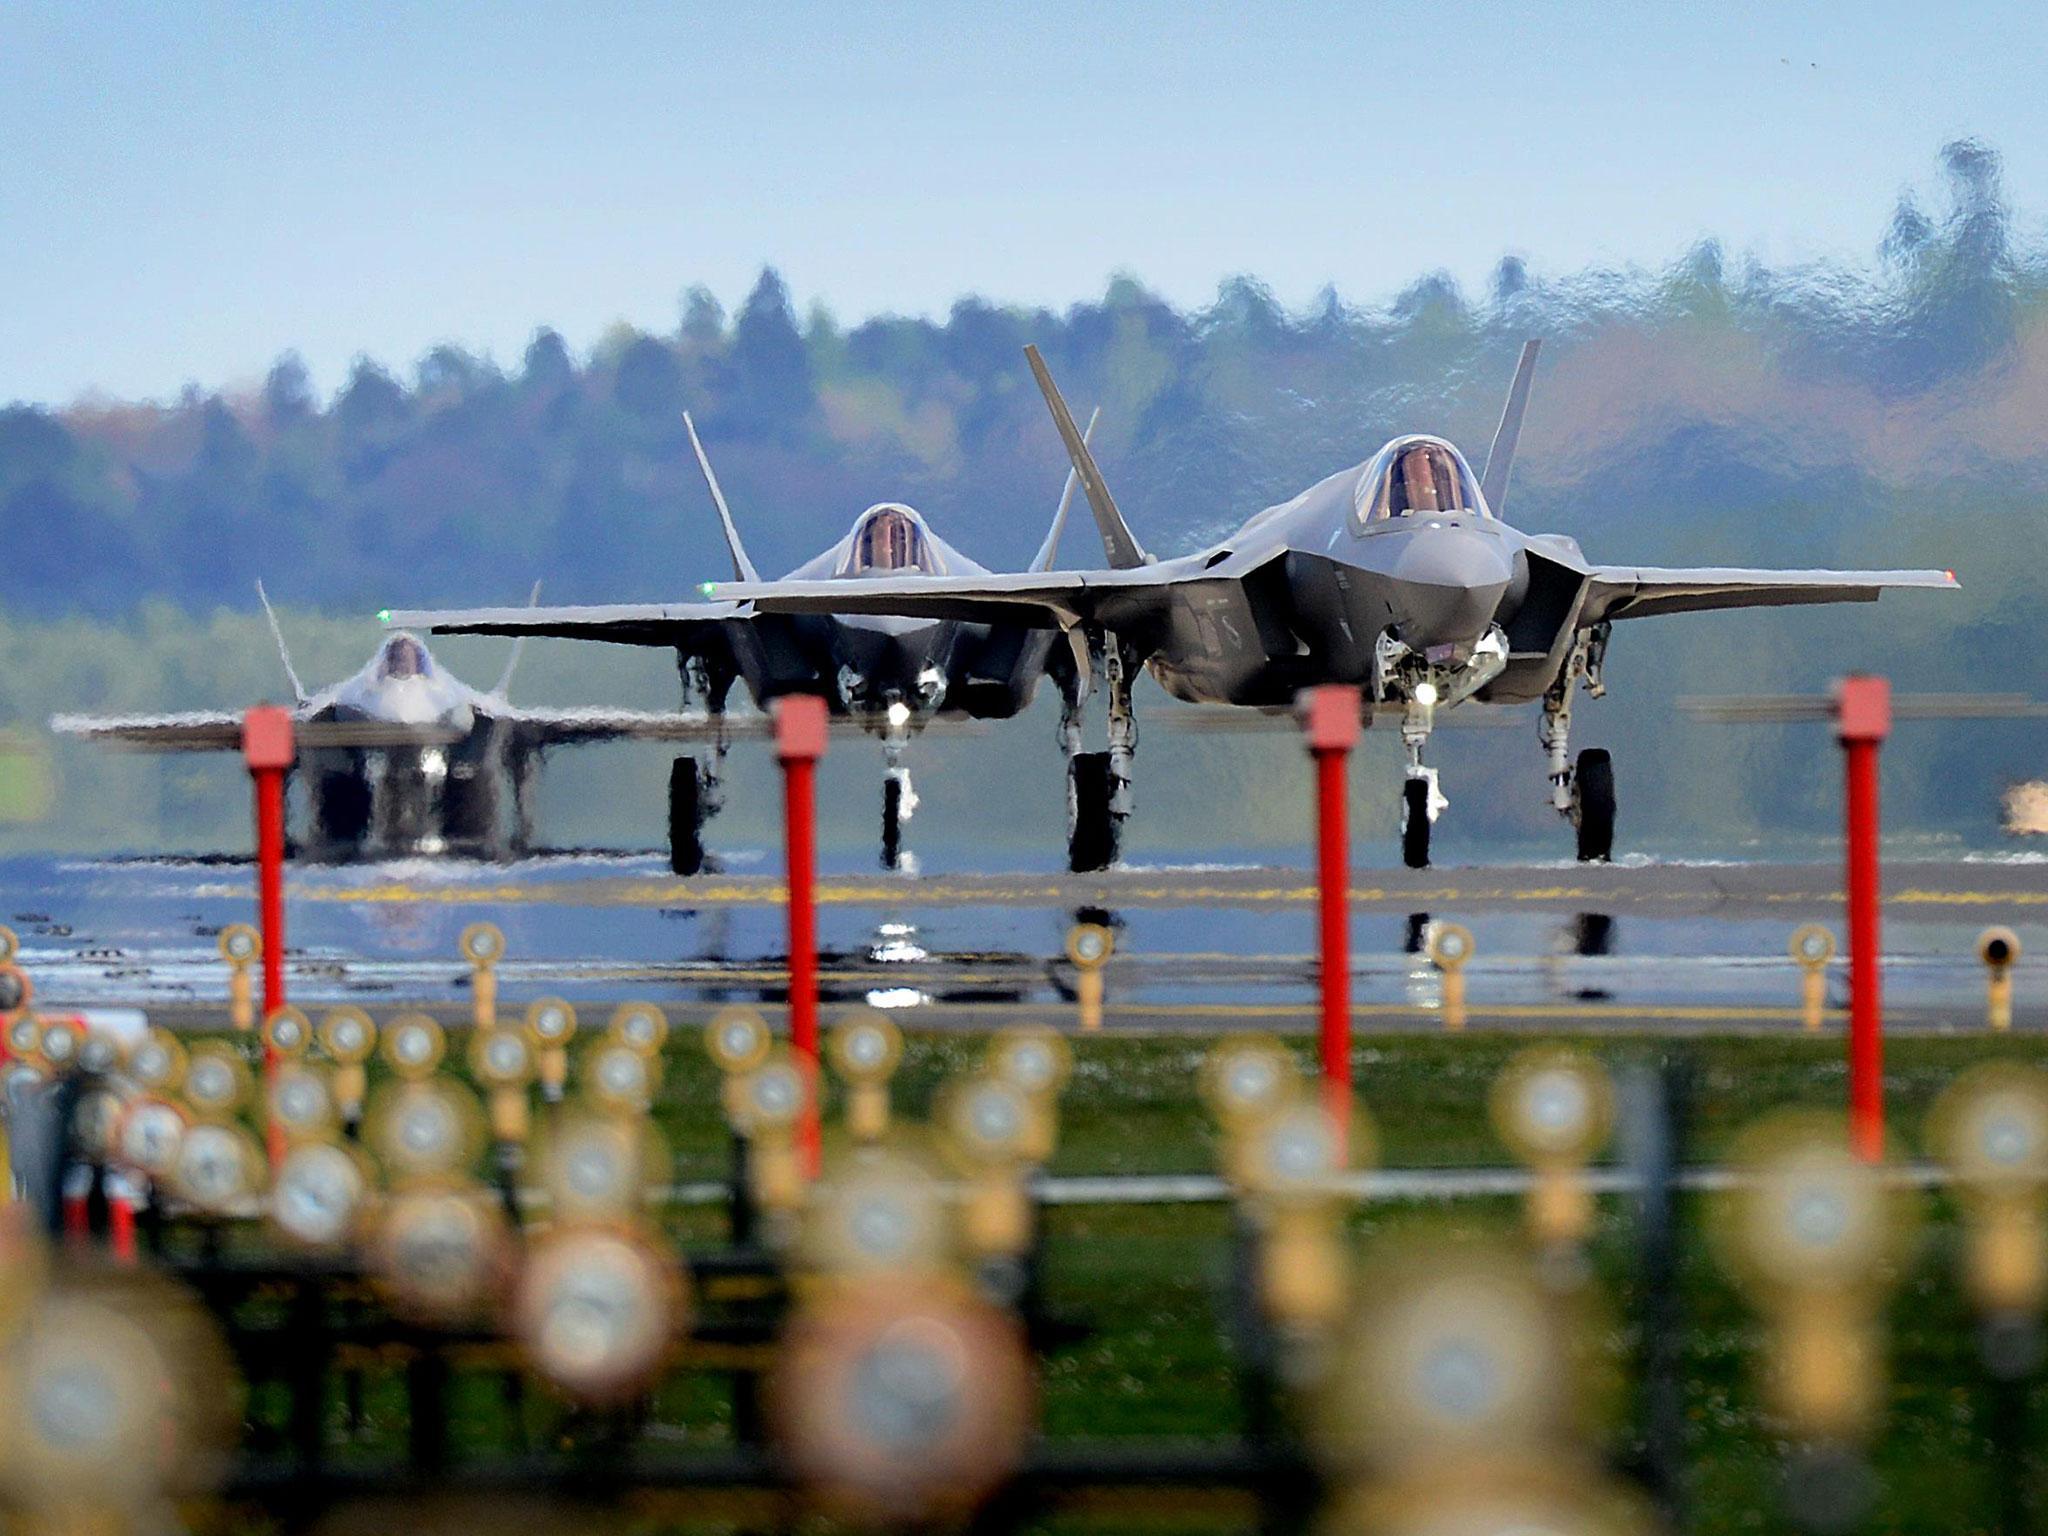 Constructive errors F – 35